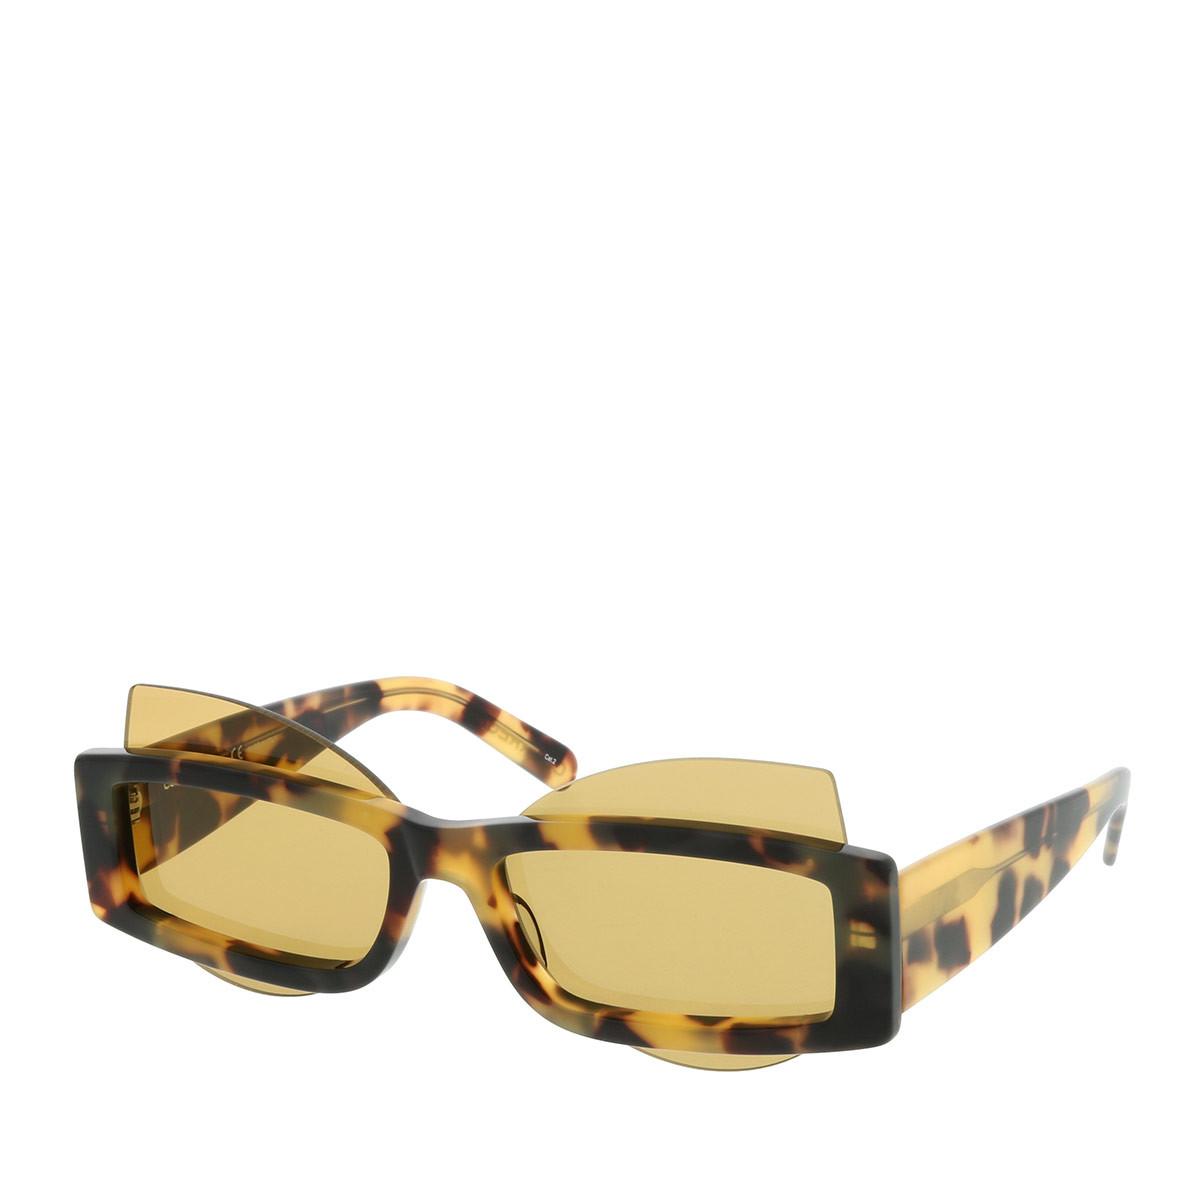 Courrèges Sonnenbrille - CL1904-001 58 - in gelb - für Damen